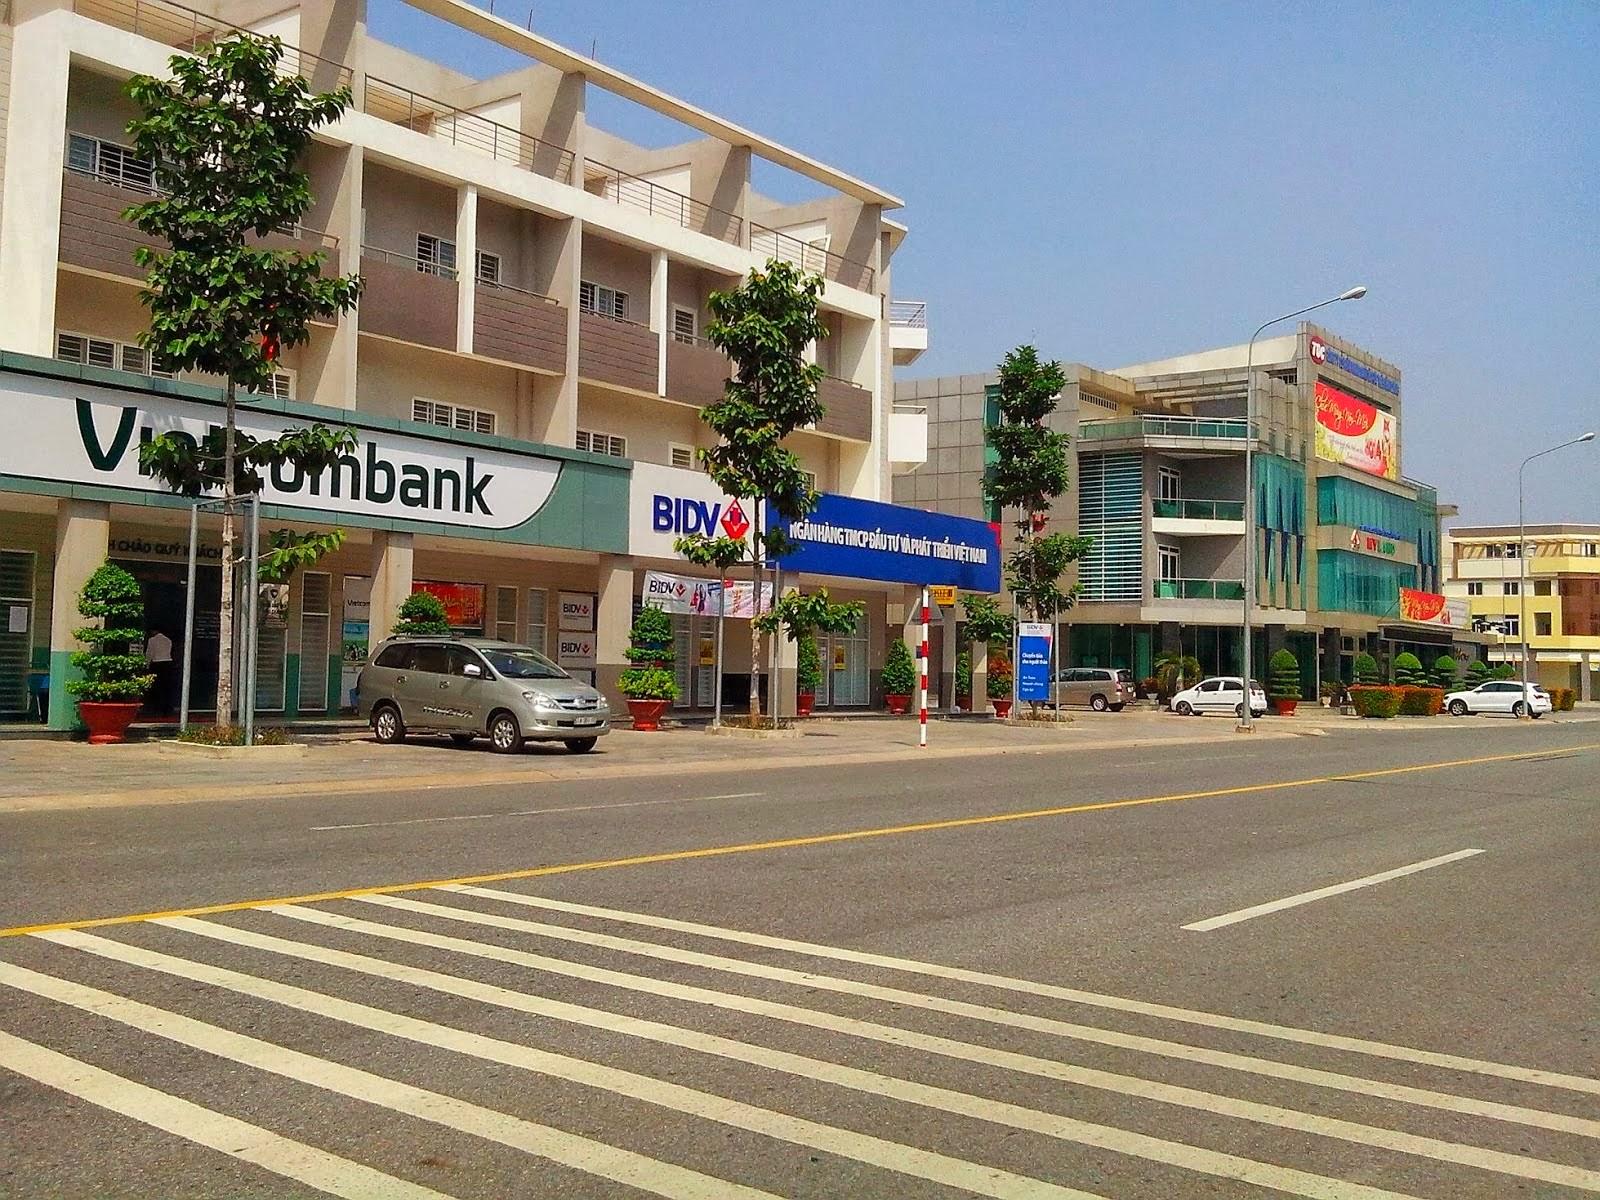 Nhà thu nhập thấp trả góp Bình Dương - Trang chủ   Facebook